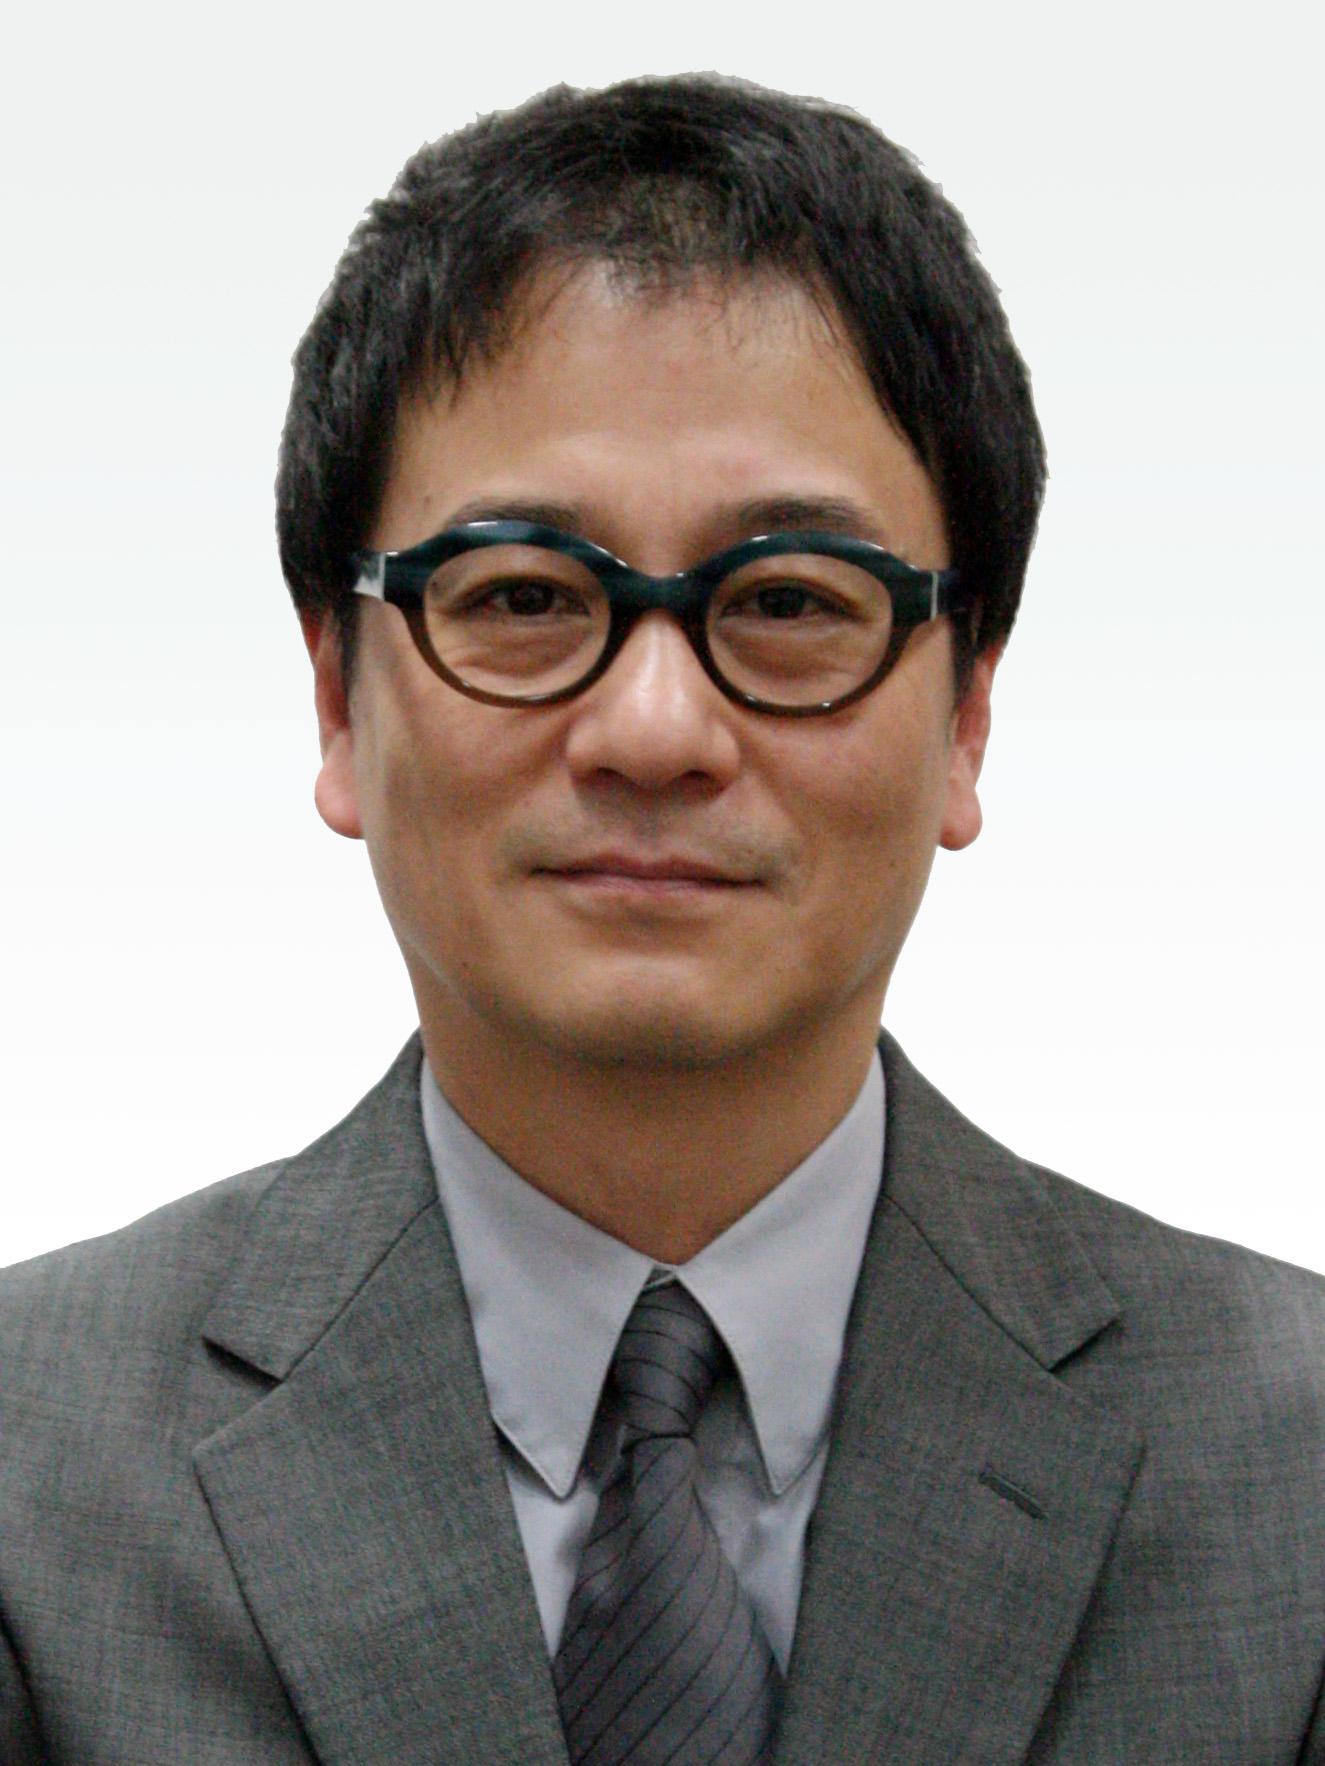 이기영 프로필 사진